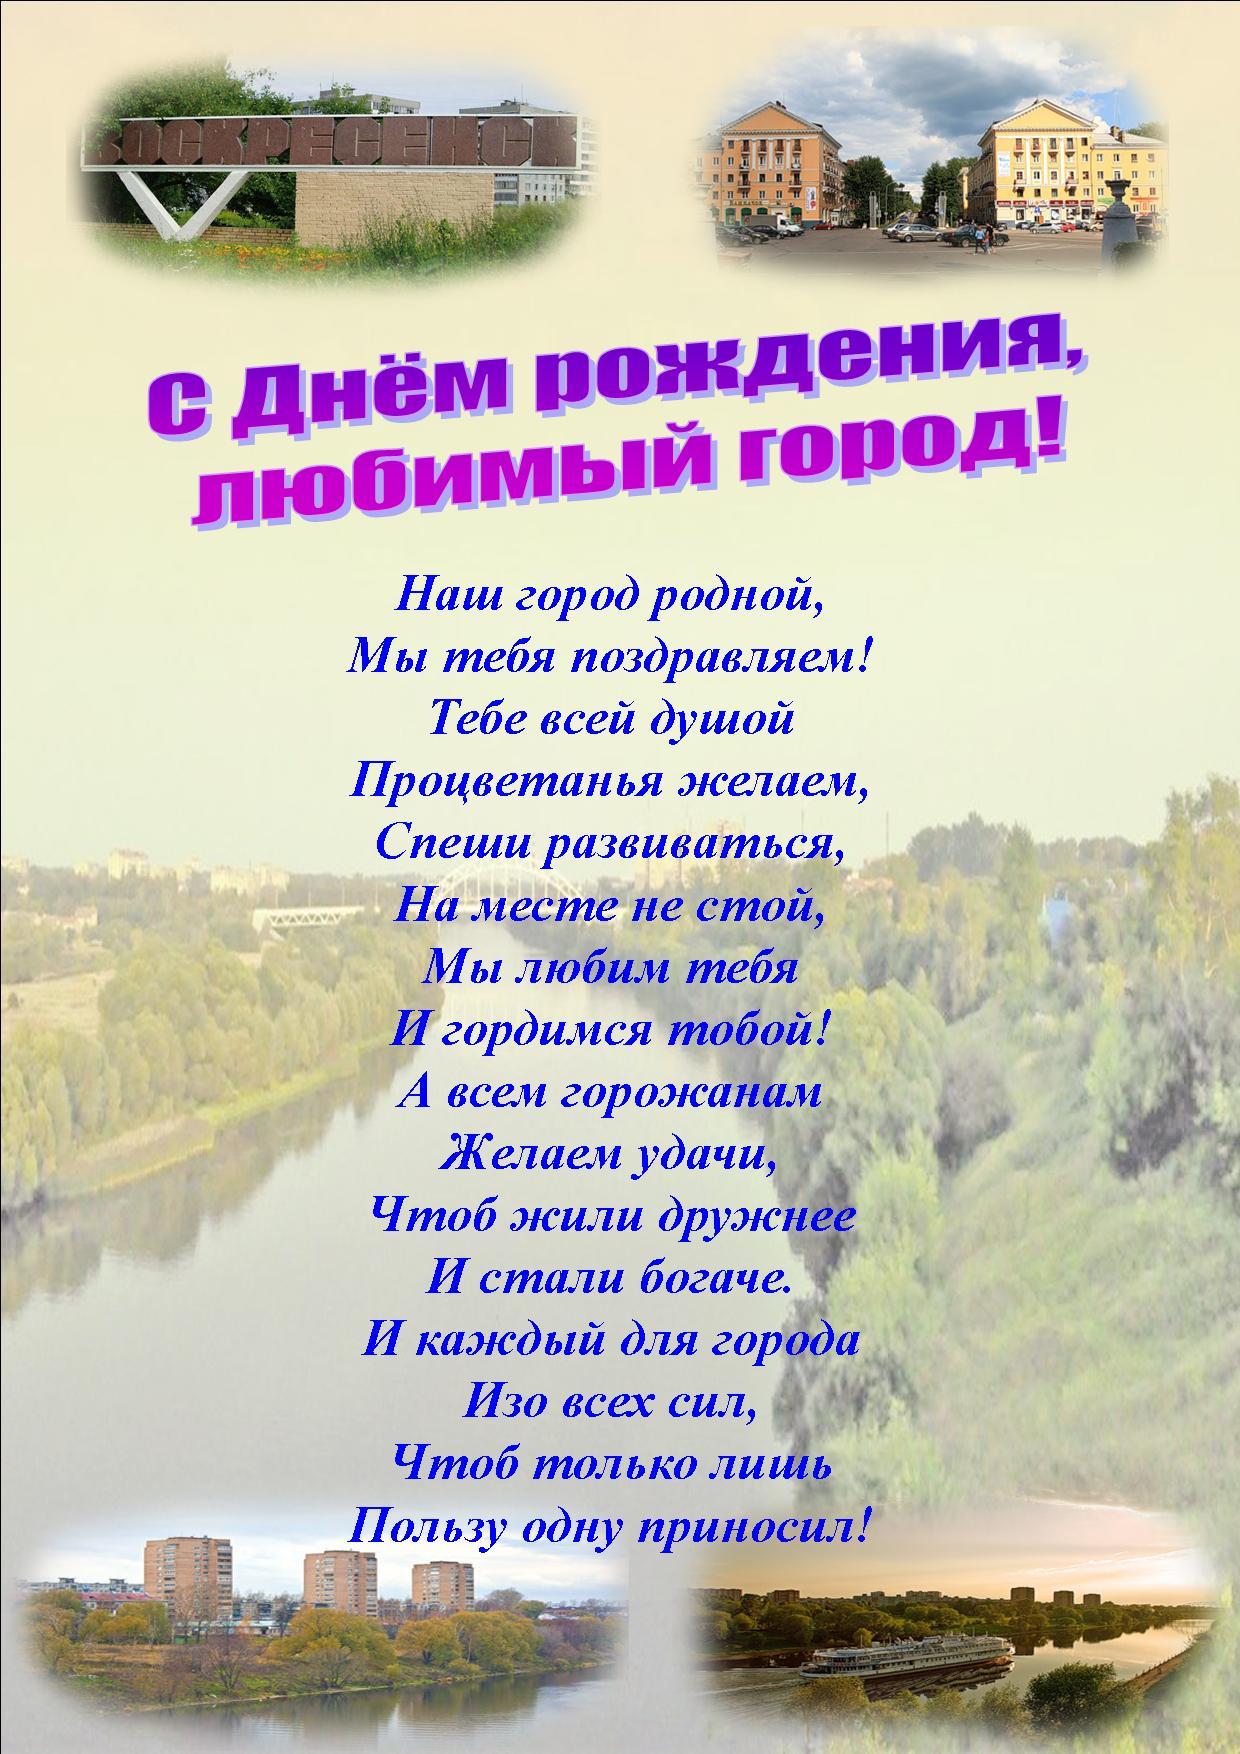 Чмок, открытка с юбилеем любимый город